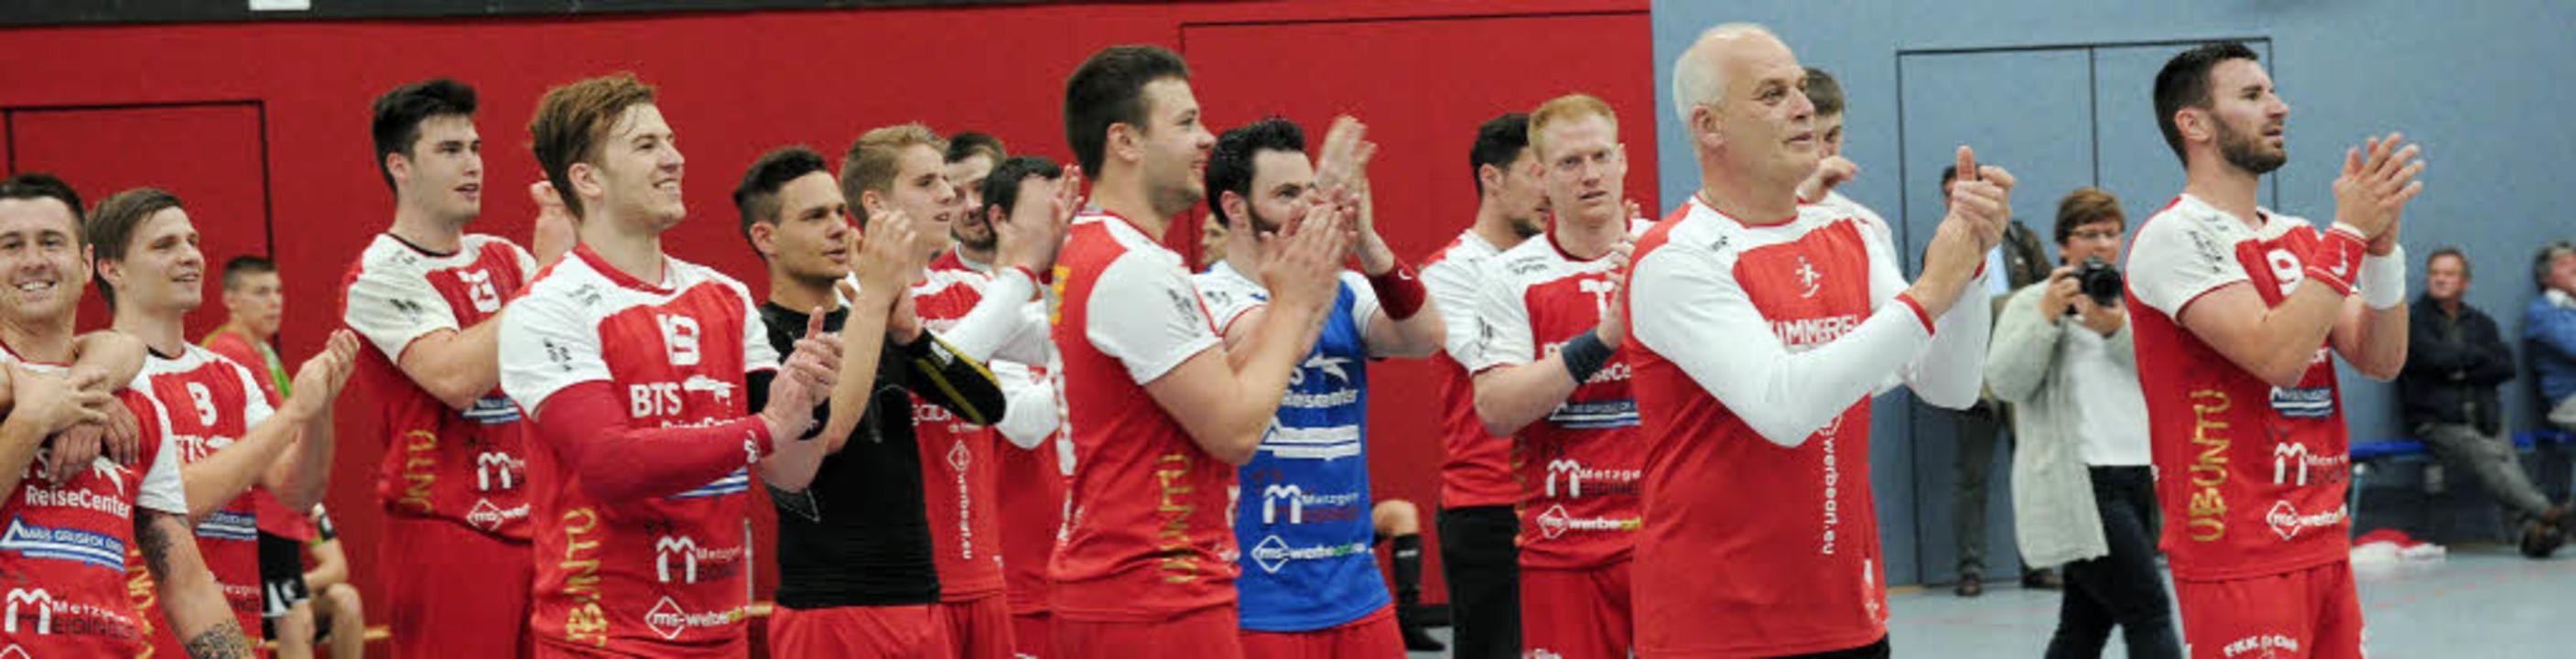 Das   Meißenheimer Team und der scheid...echts) applaudieren den eigenen Fans.   | Foto: FotoS: Bettina Schaller